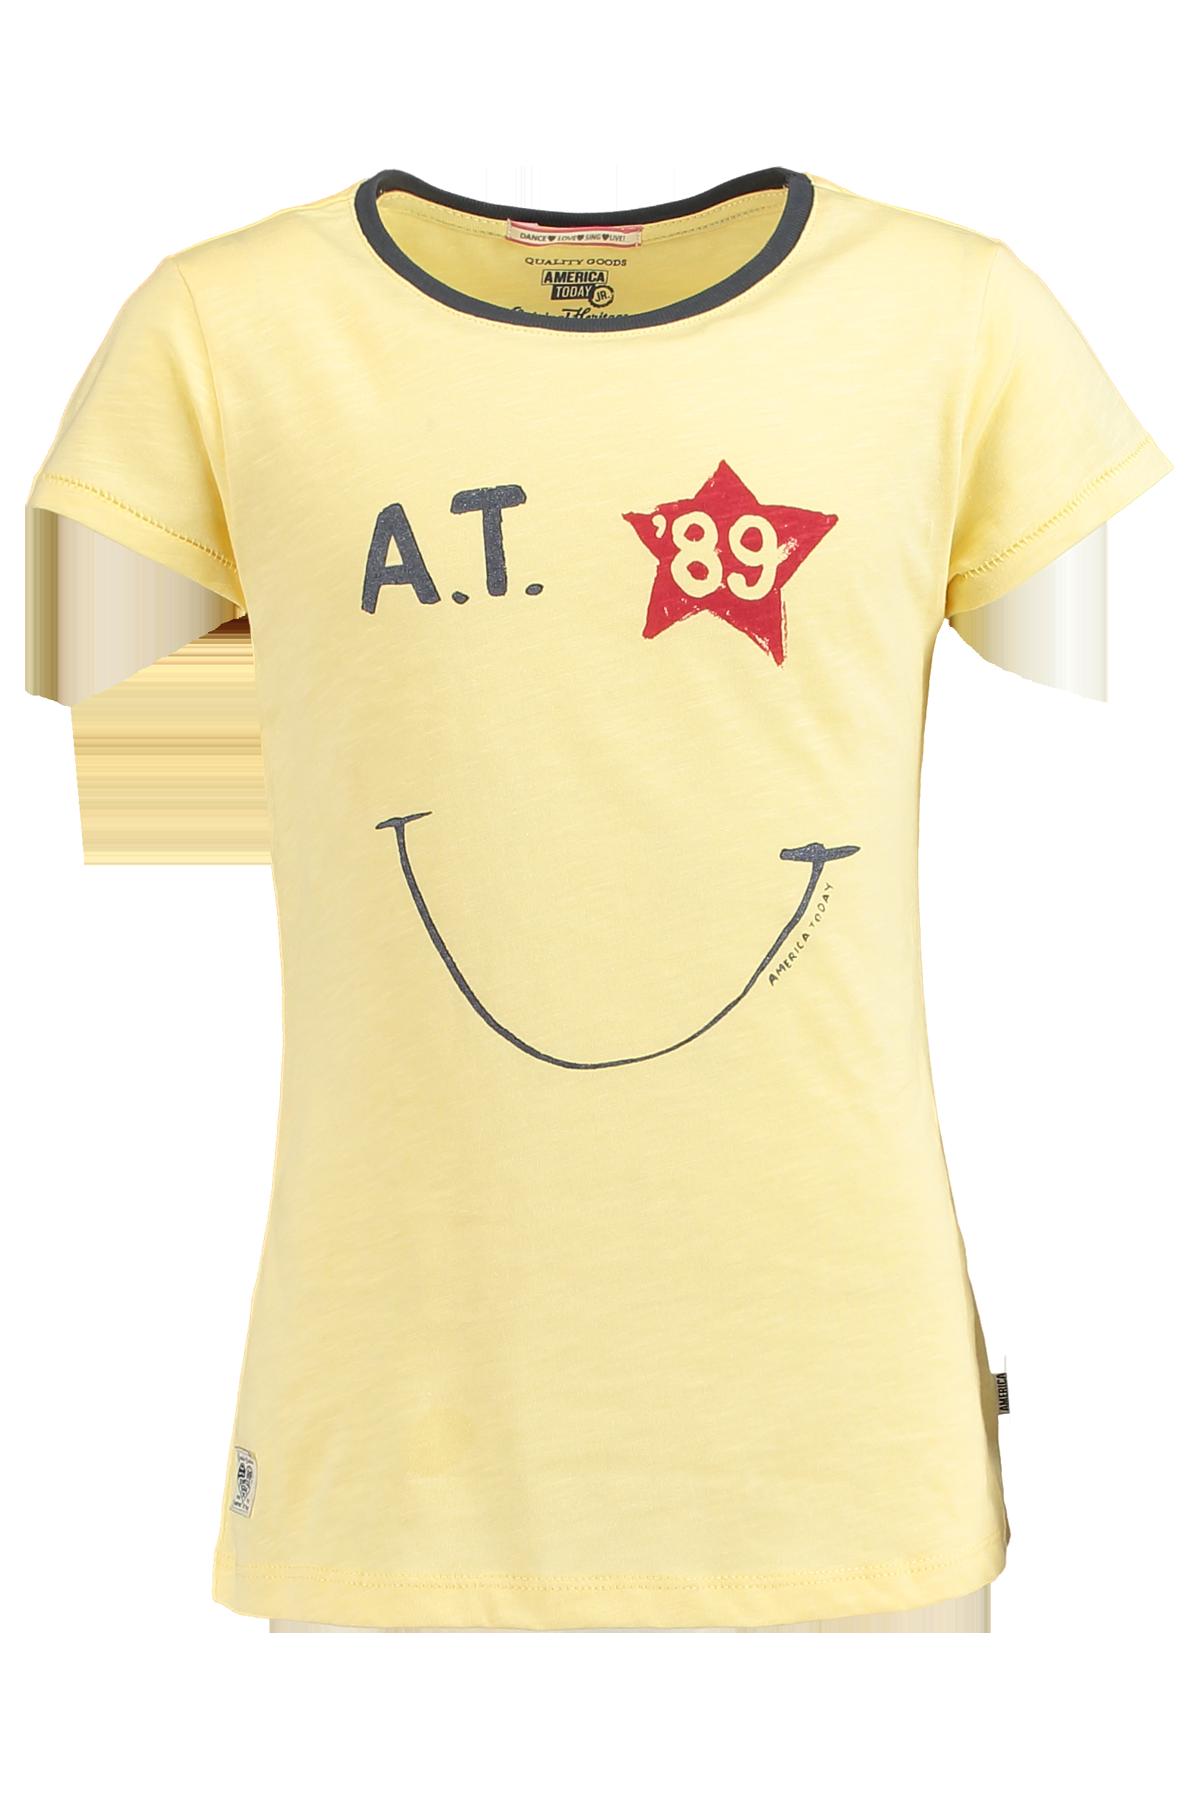 T-shirt Ebony Jr.